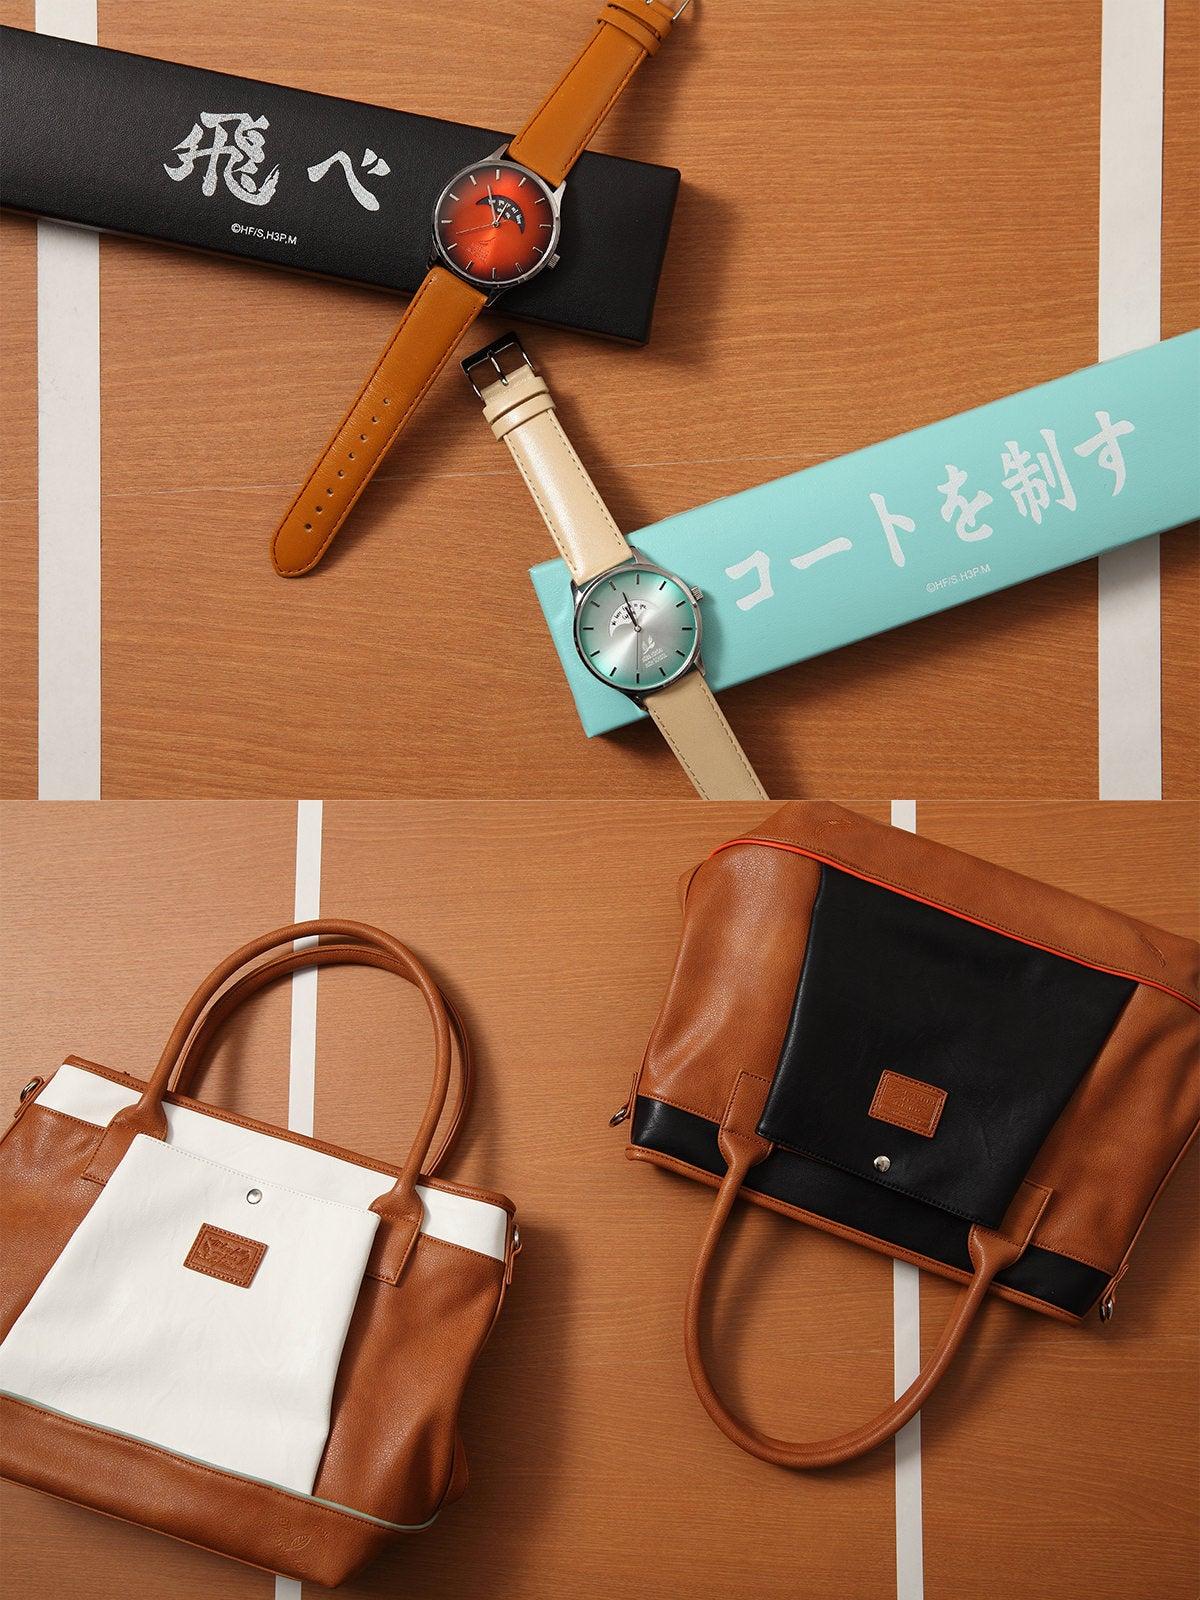 『ハイキュー!!』 より、名シーンを彷彿とさせる新作腕時計&バッグが登場!